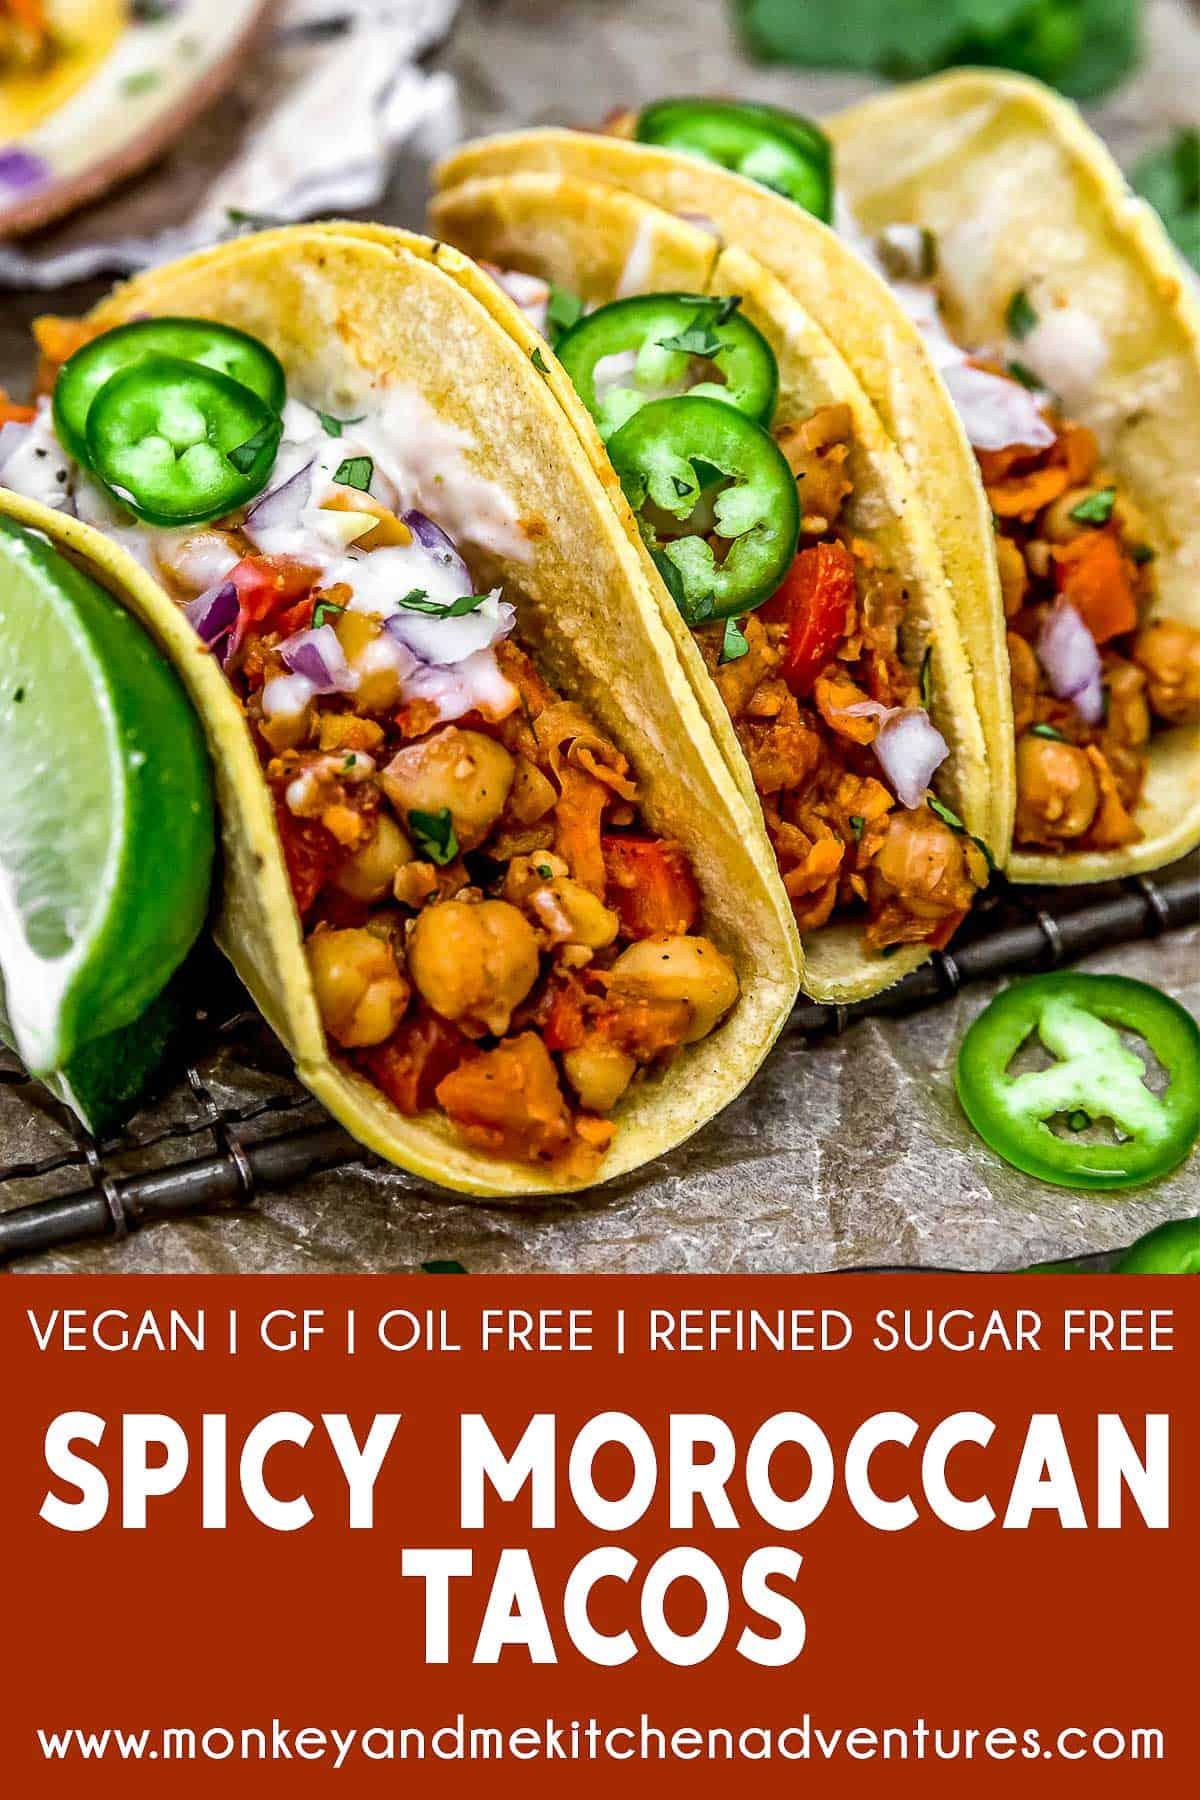 Spicy Moroccan Tacos with text description